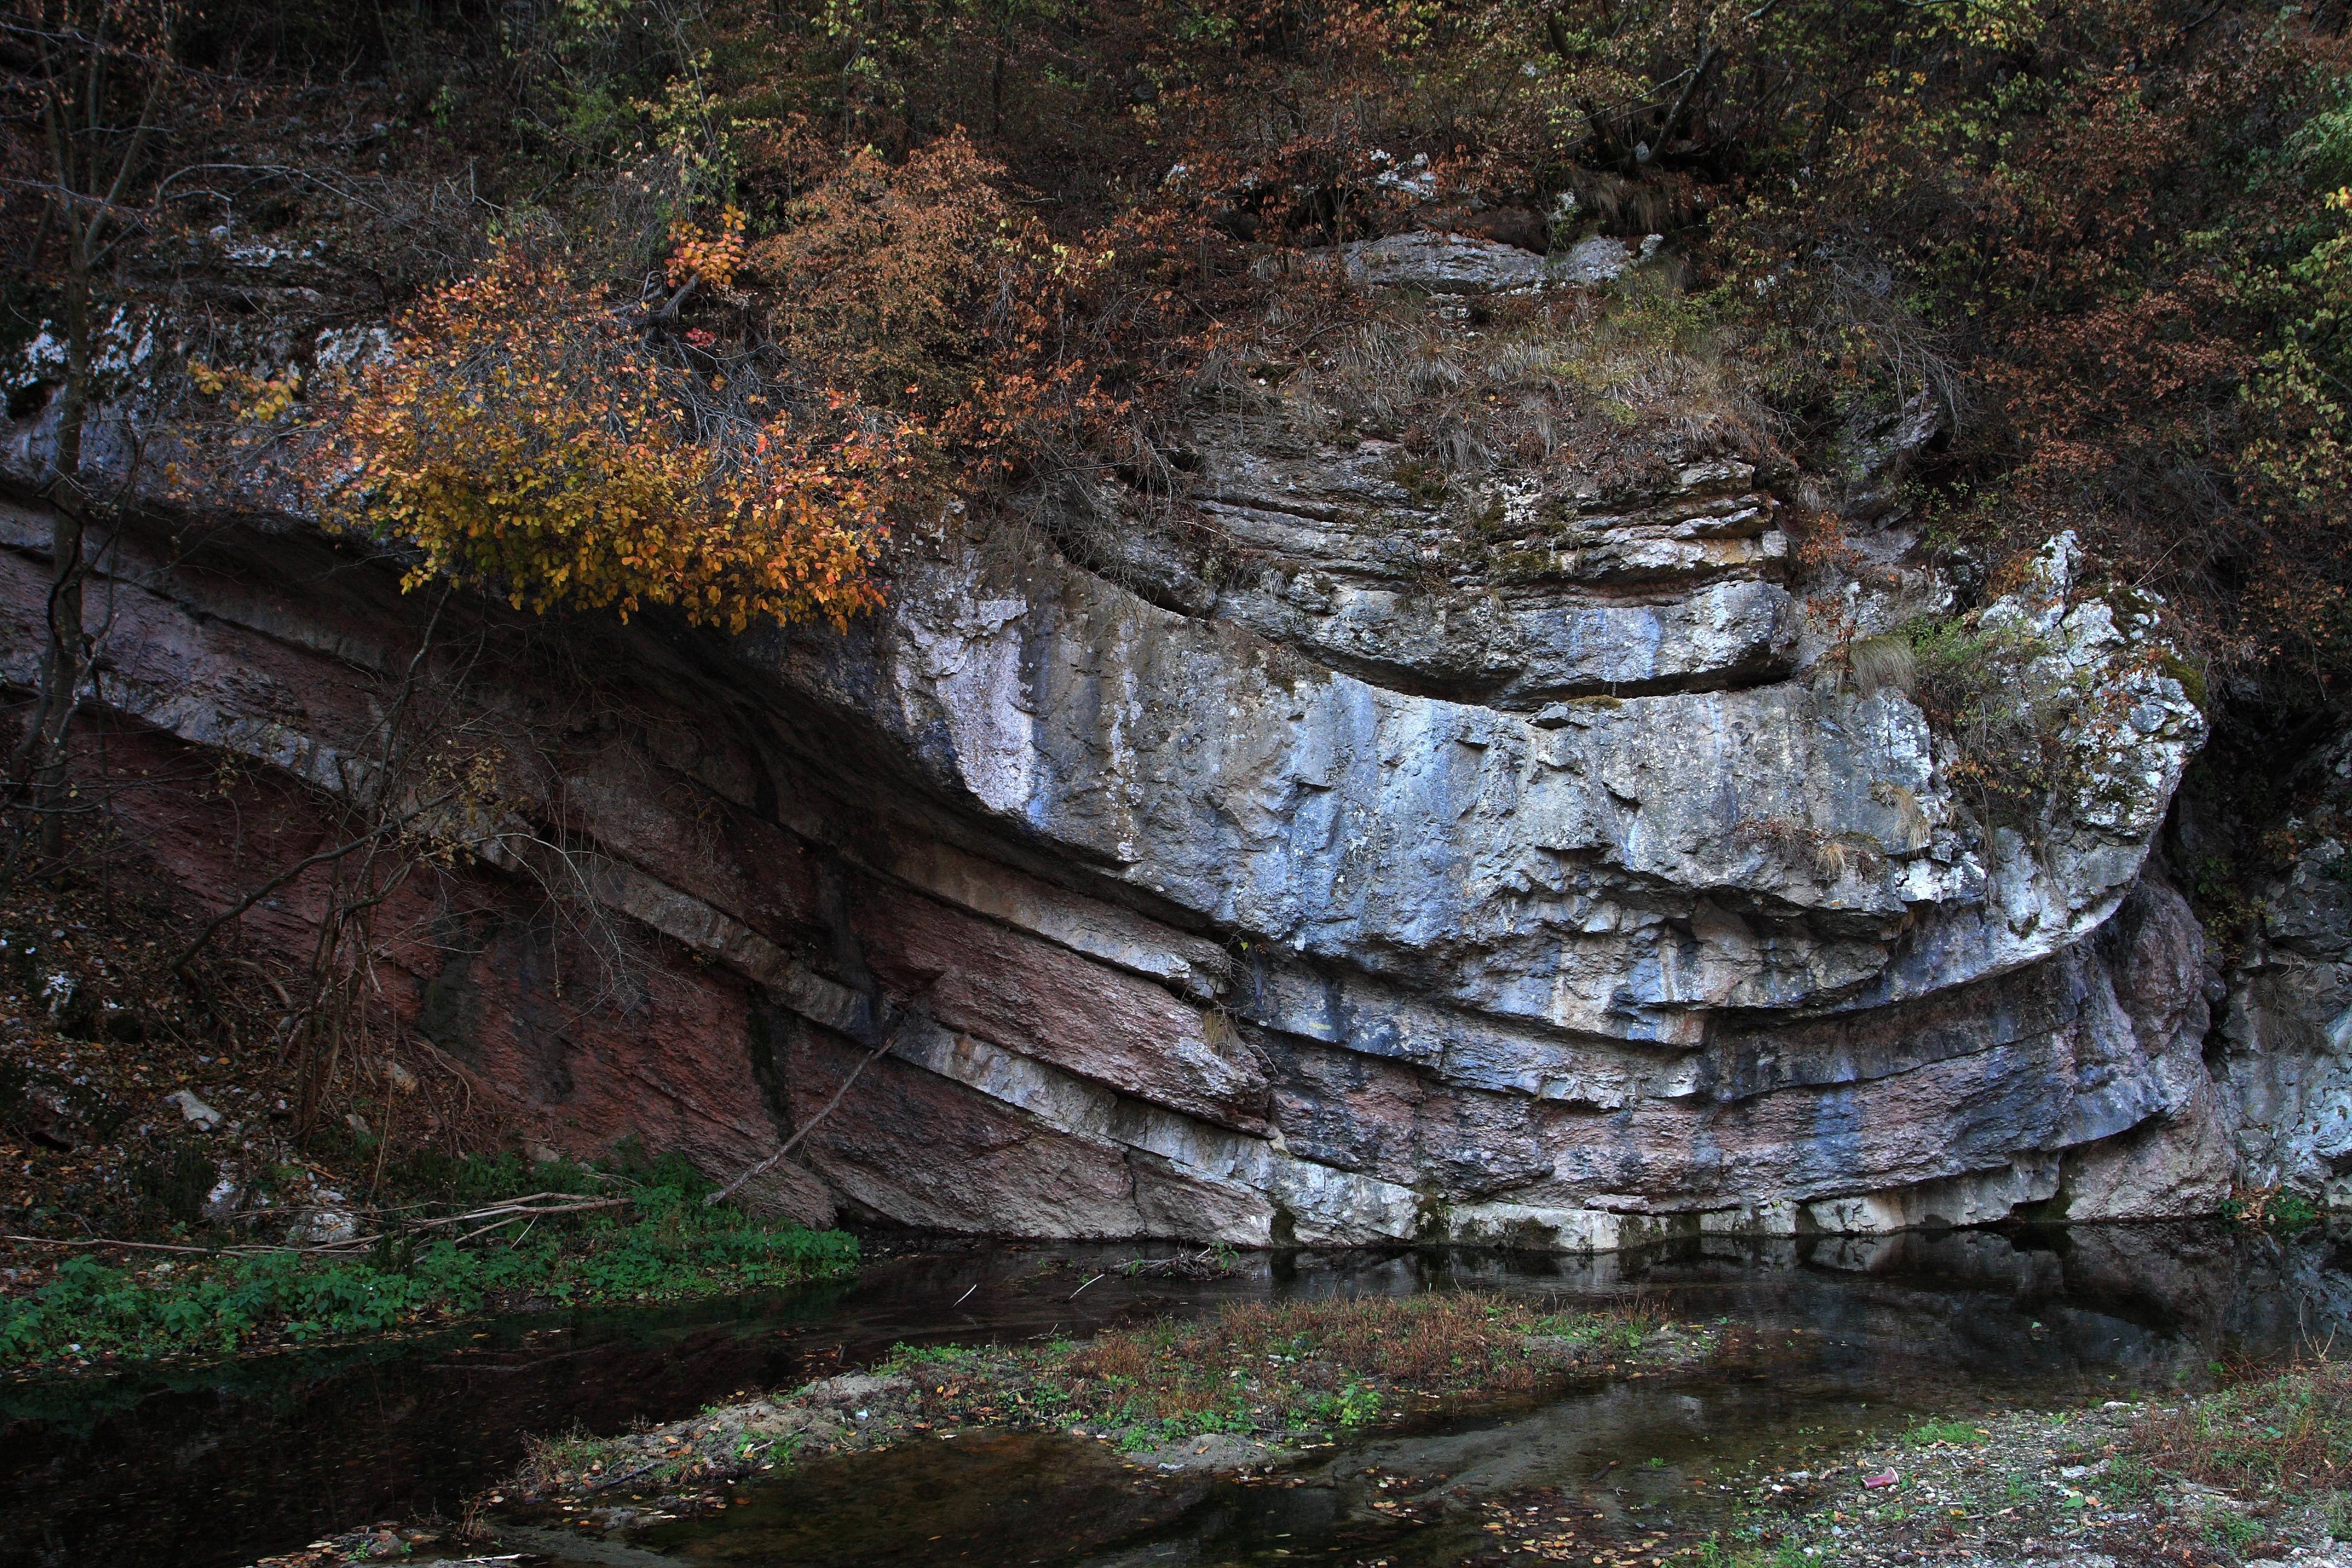 NP Đerdap – Kanjon Boljetinske reke, Srđan Marinčić